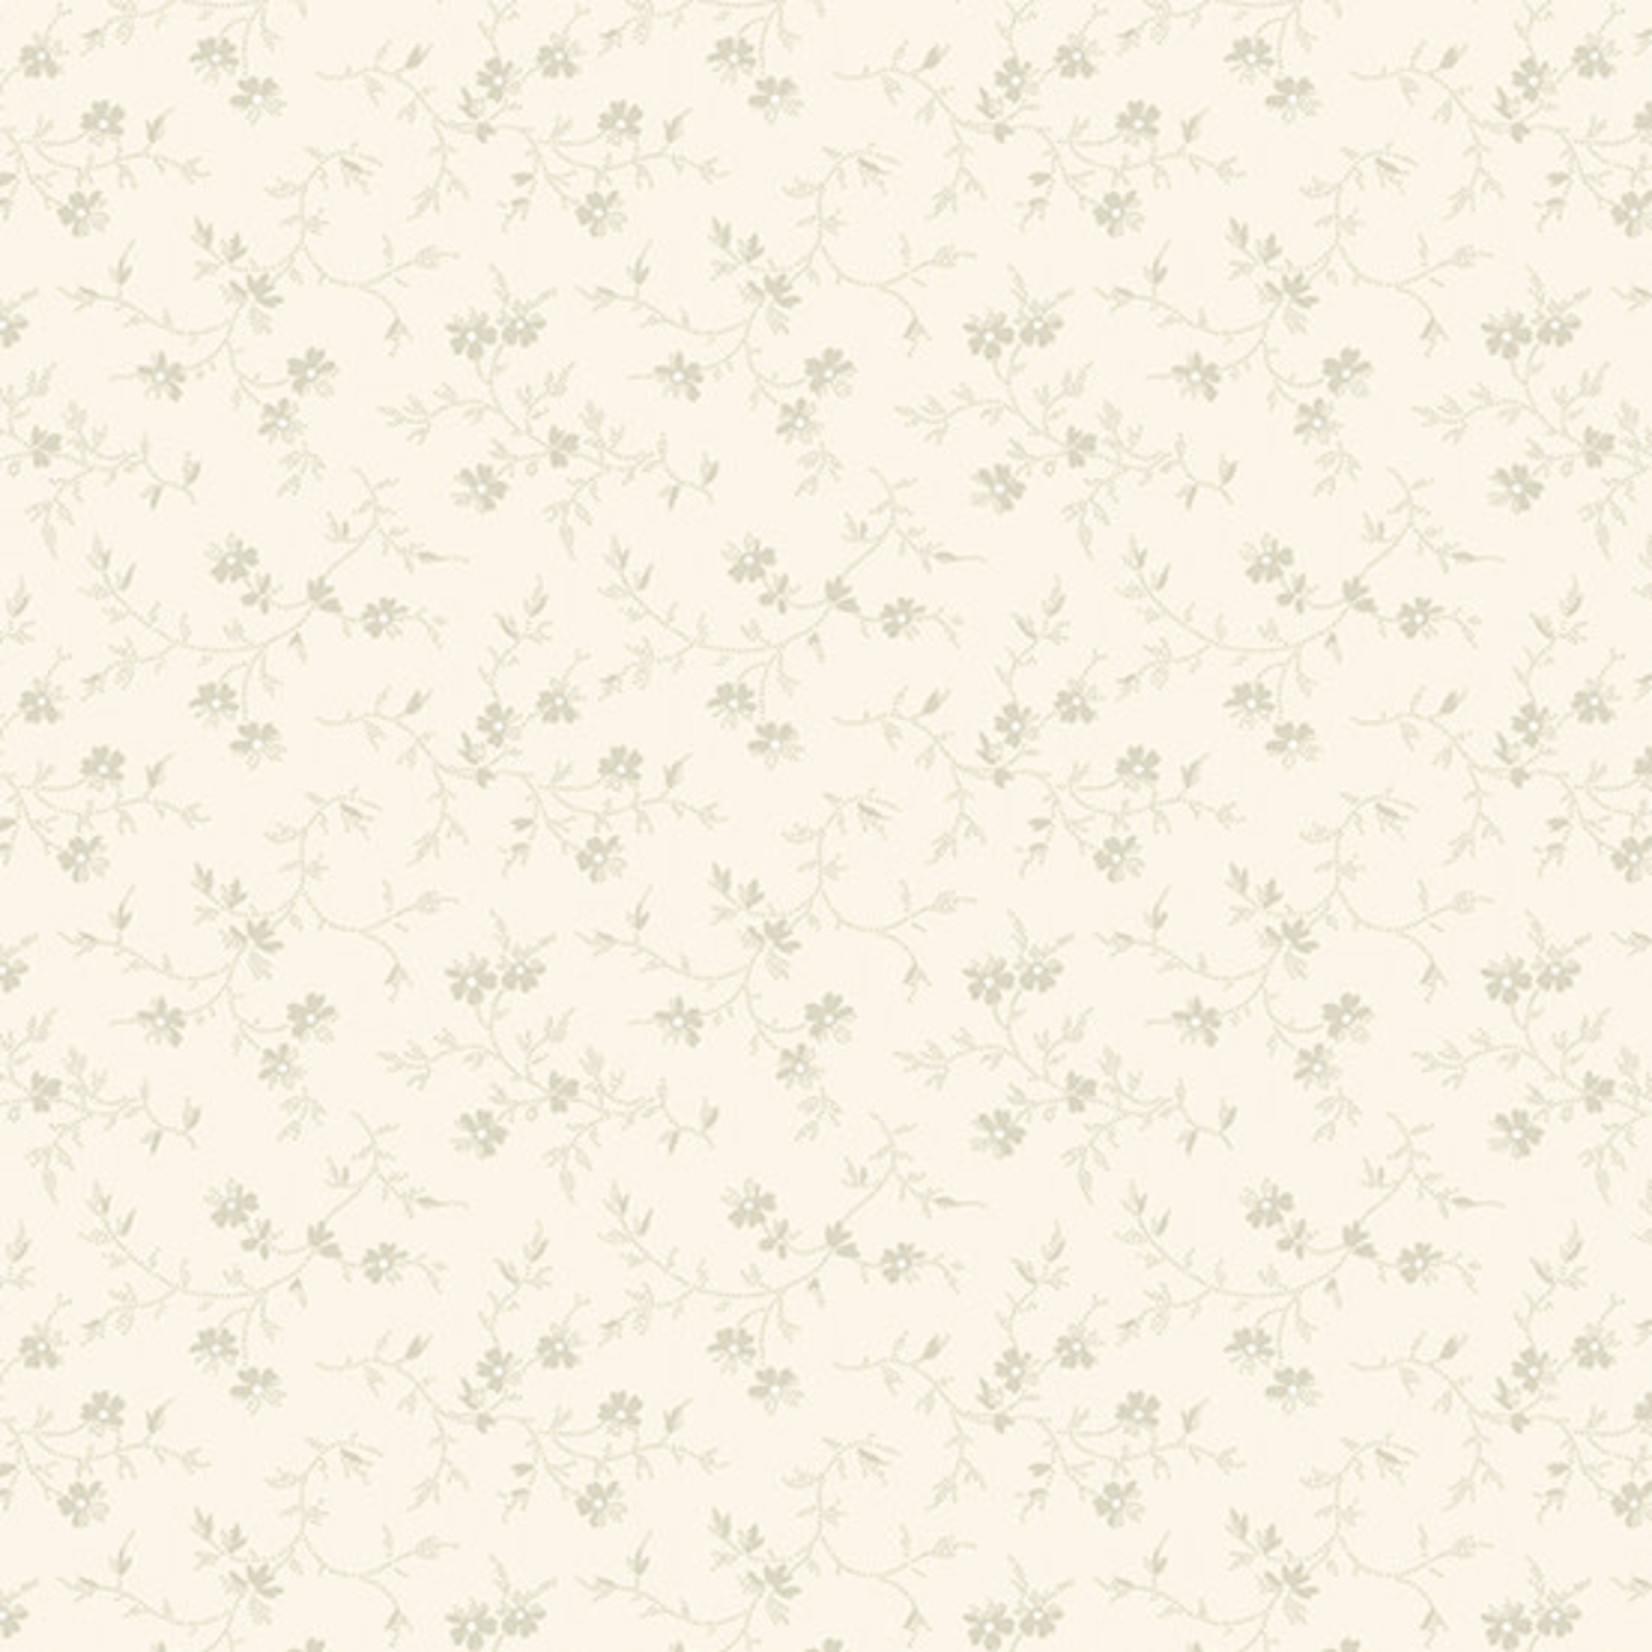 Edyta Sitar Secret Stash - Neutrals, Rosemary, Cream (9561-N) $0.20 per cm or $20/m